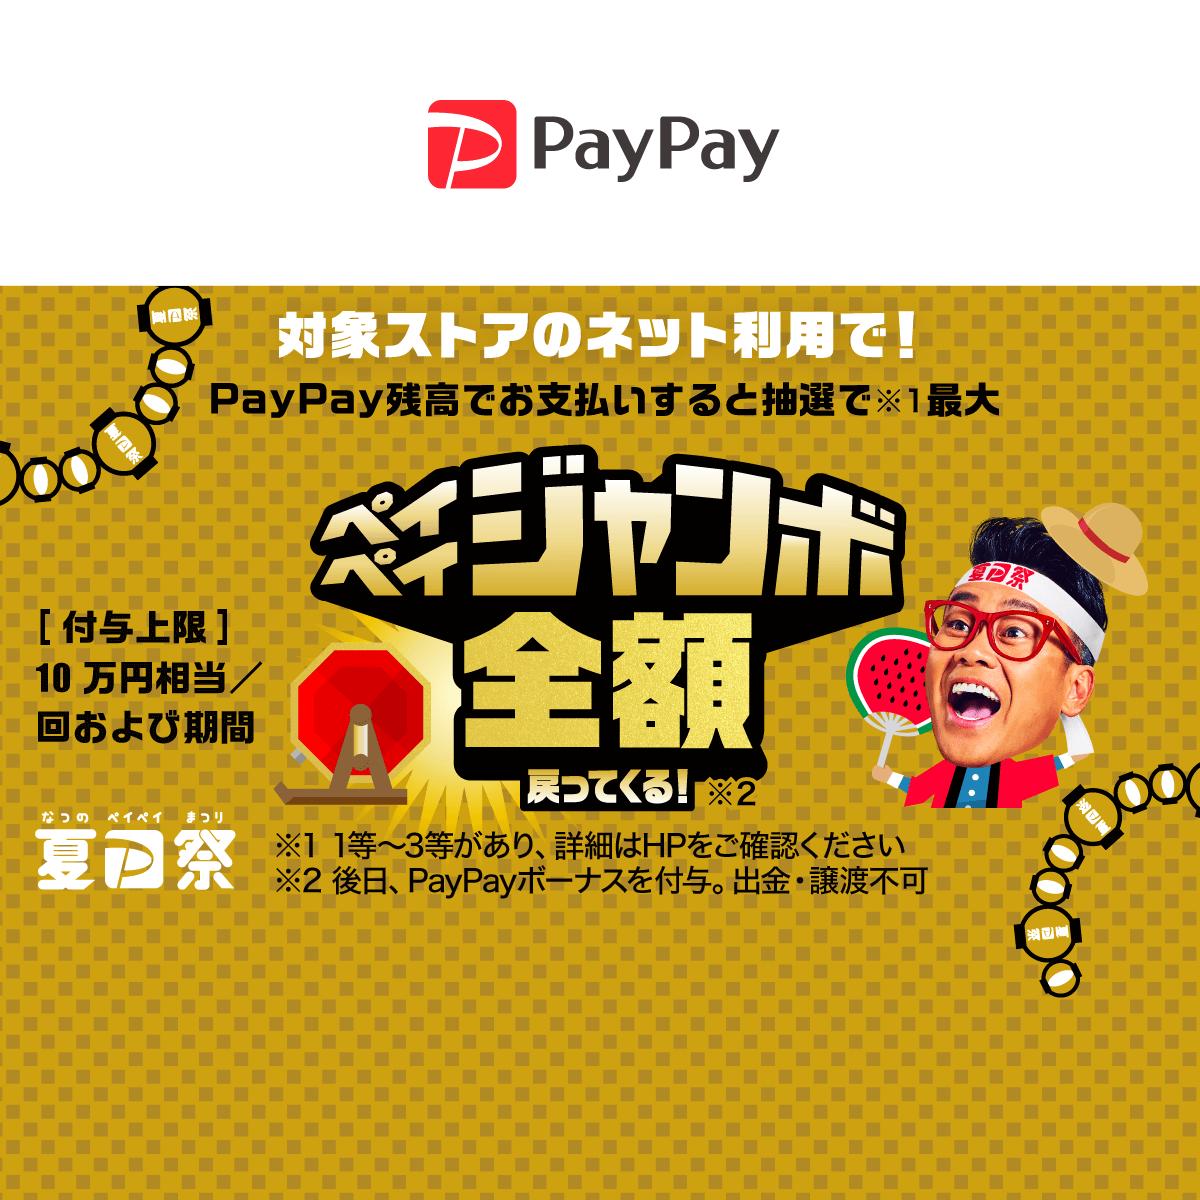 ペイペイジャンボ 対象ストアのネット利用で!PayPay残高でお支払いすると抽選で最大全額戻ってくる!